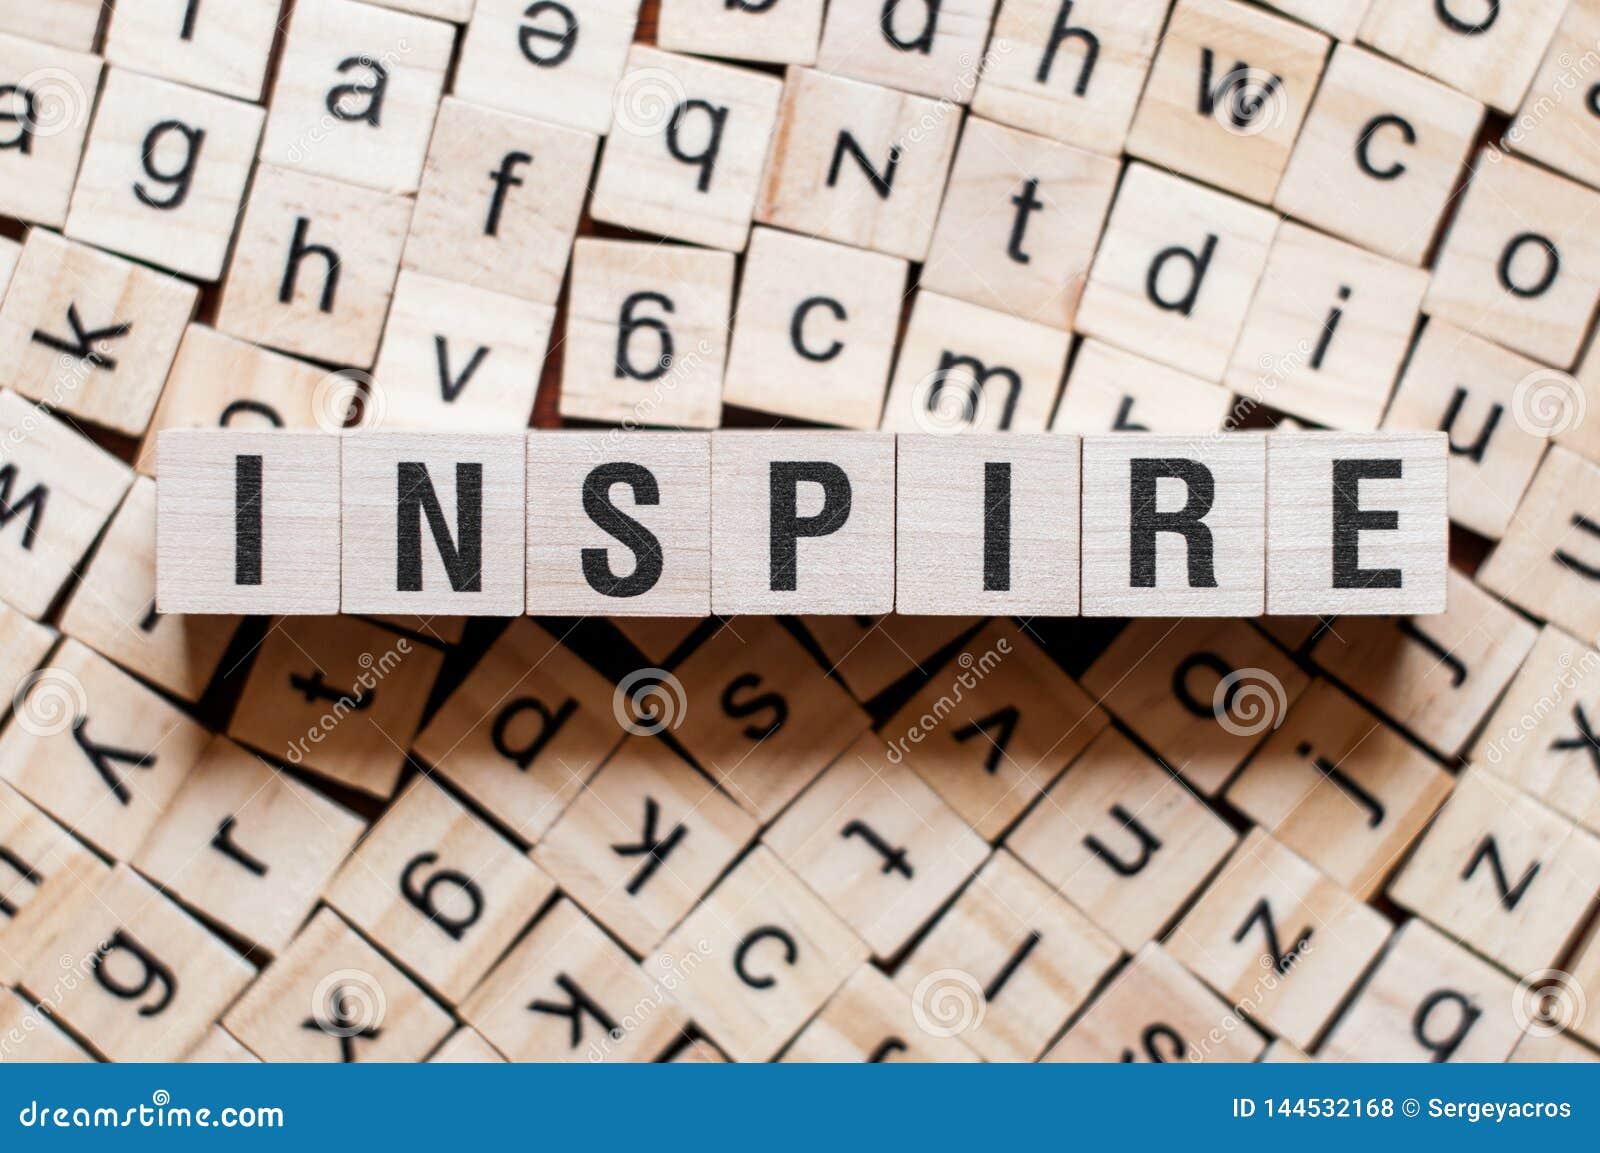 Inspirez le concept de mot